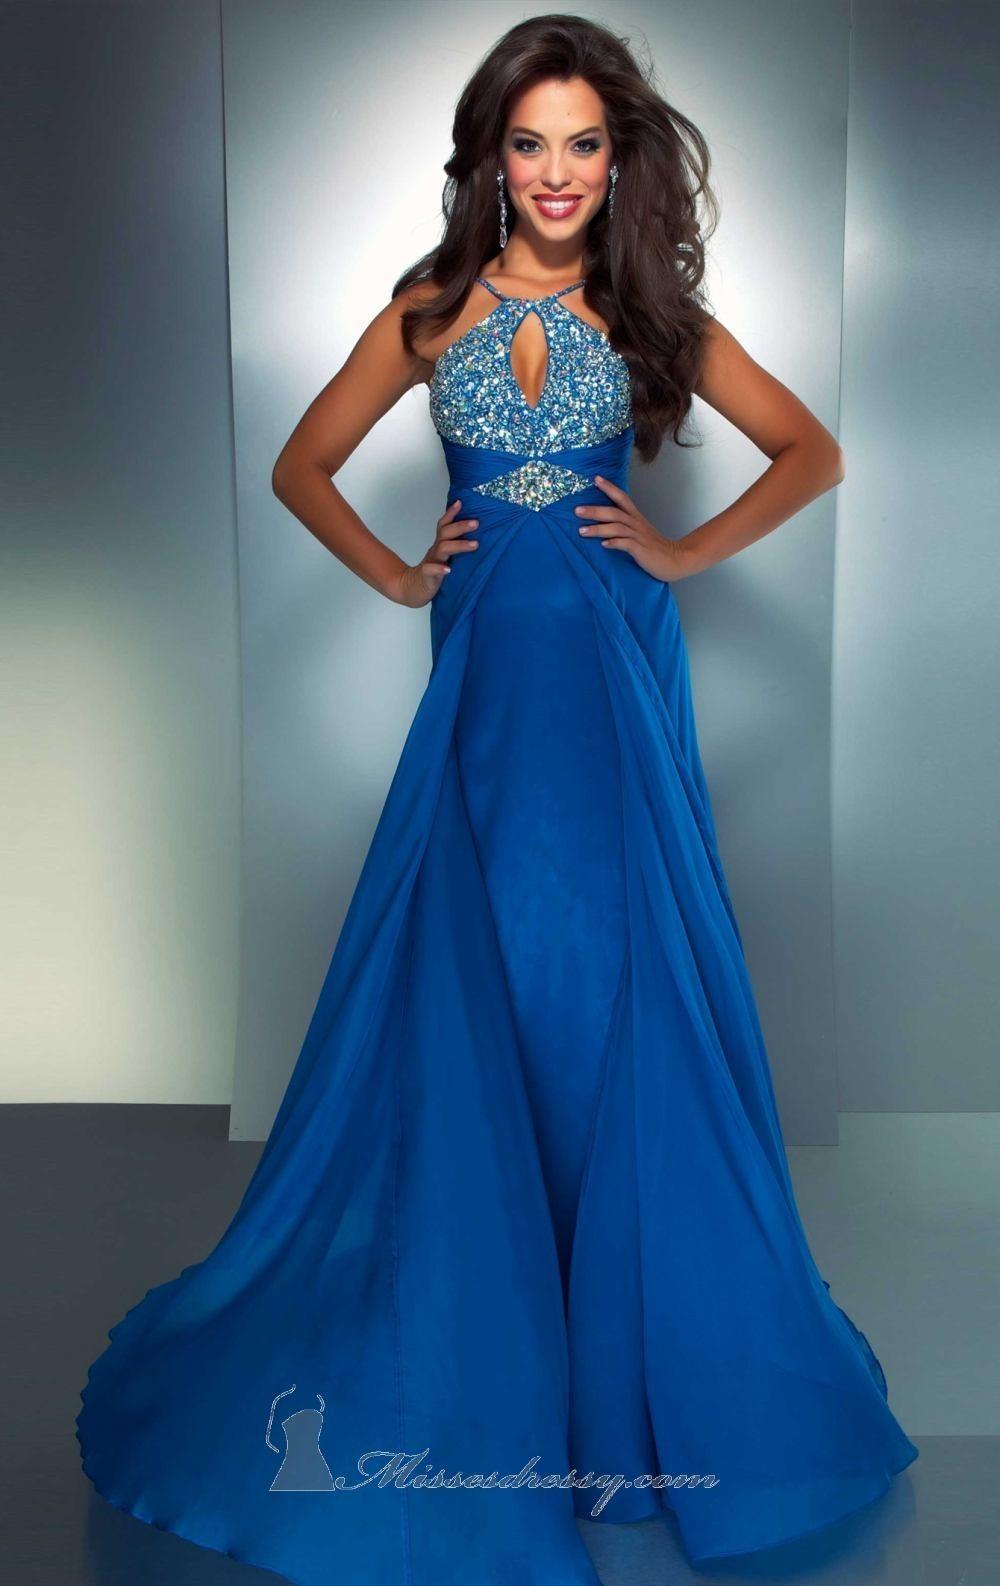 79a357660 Spoločenské šaty na objednávku, 38 - 138 € | Svadobné shopy | Mojasvadba.sk